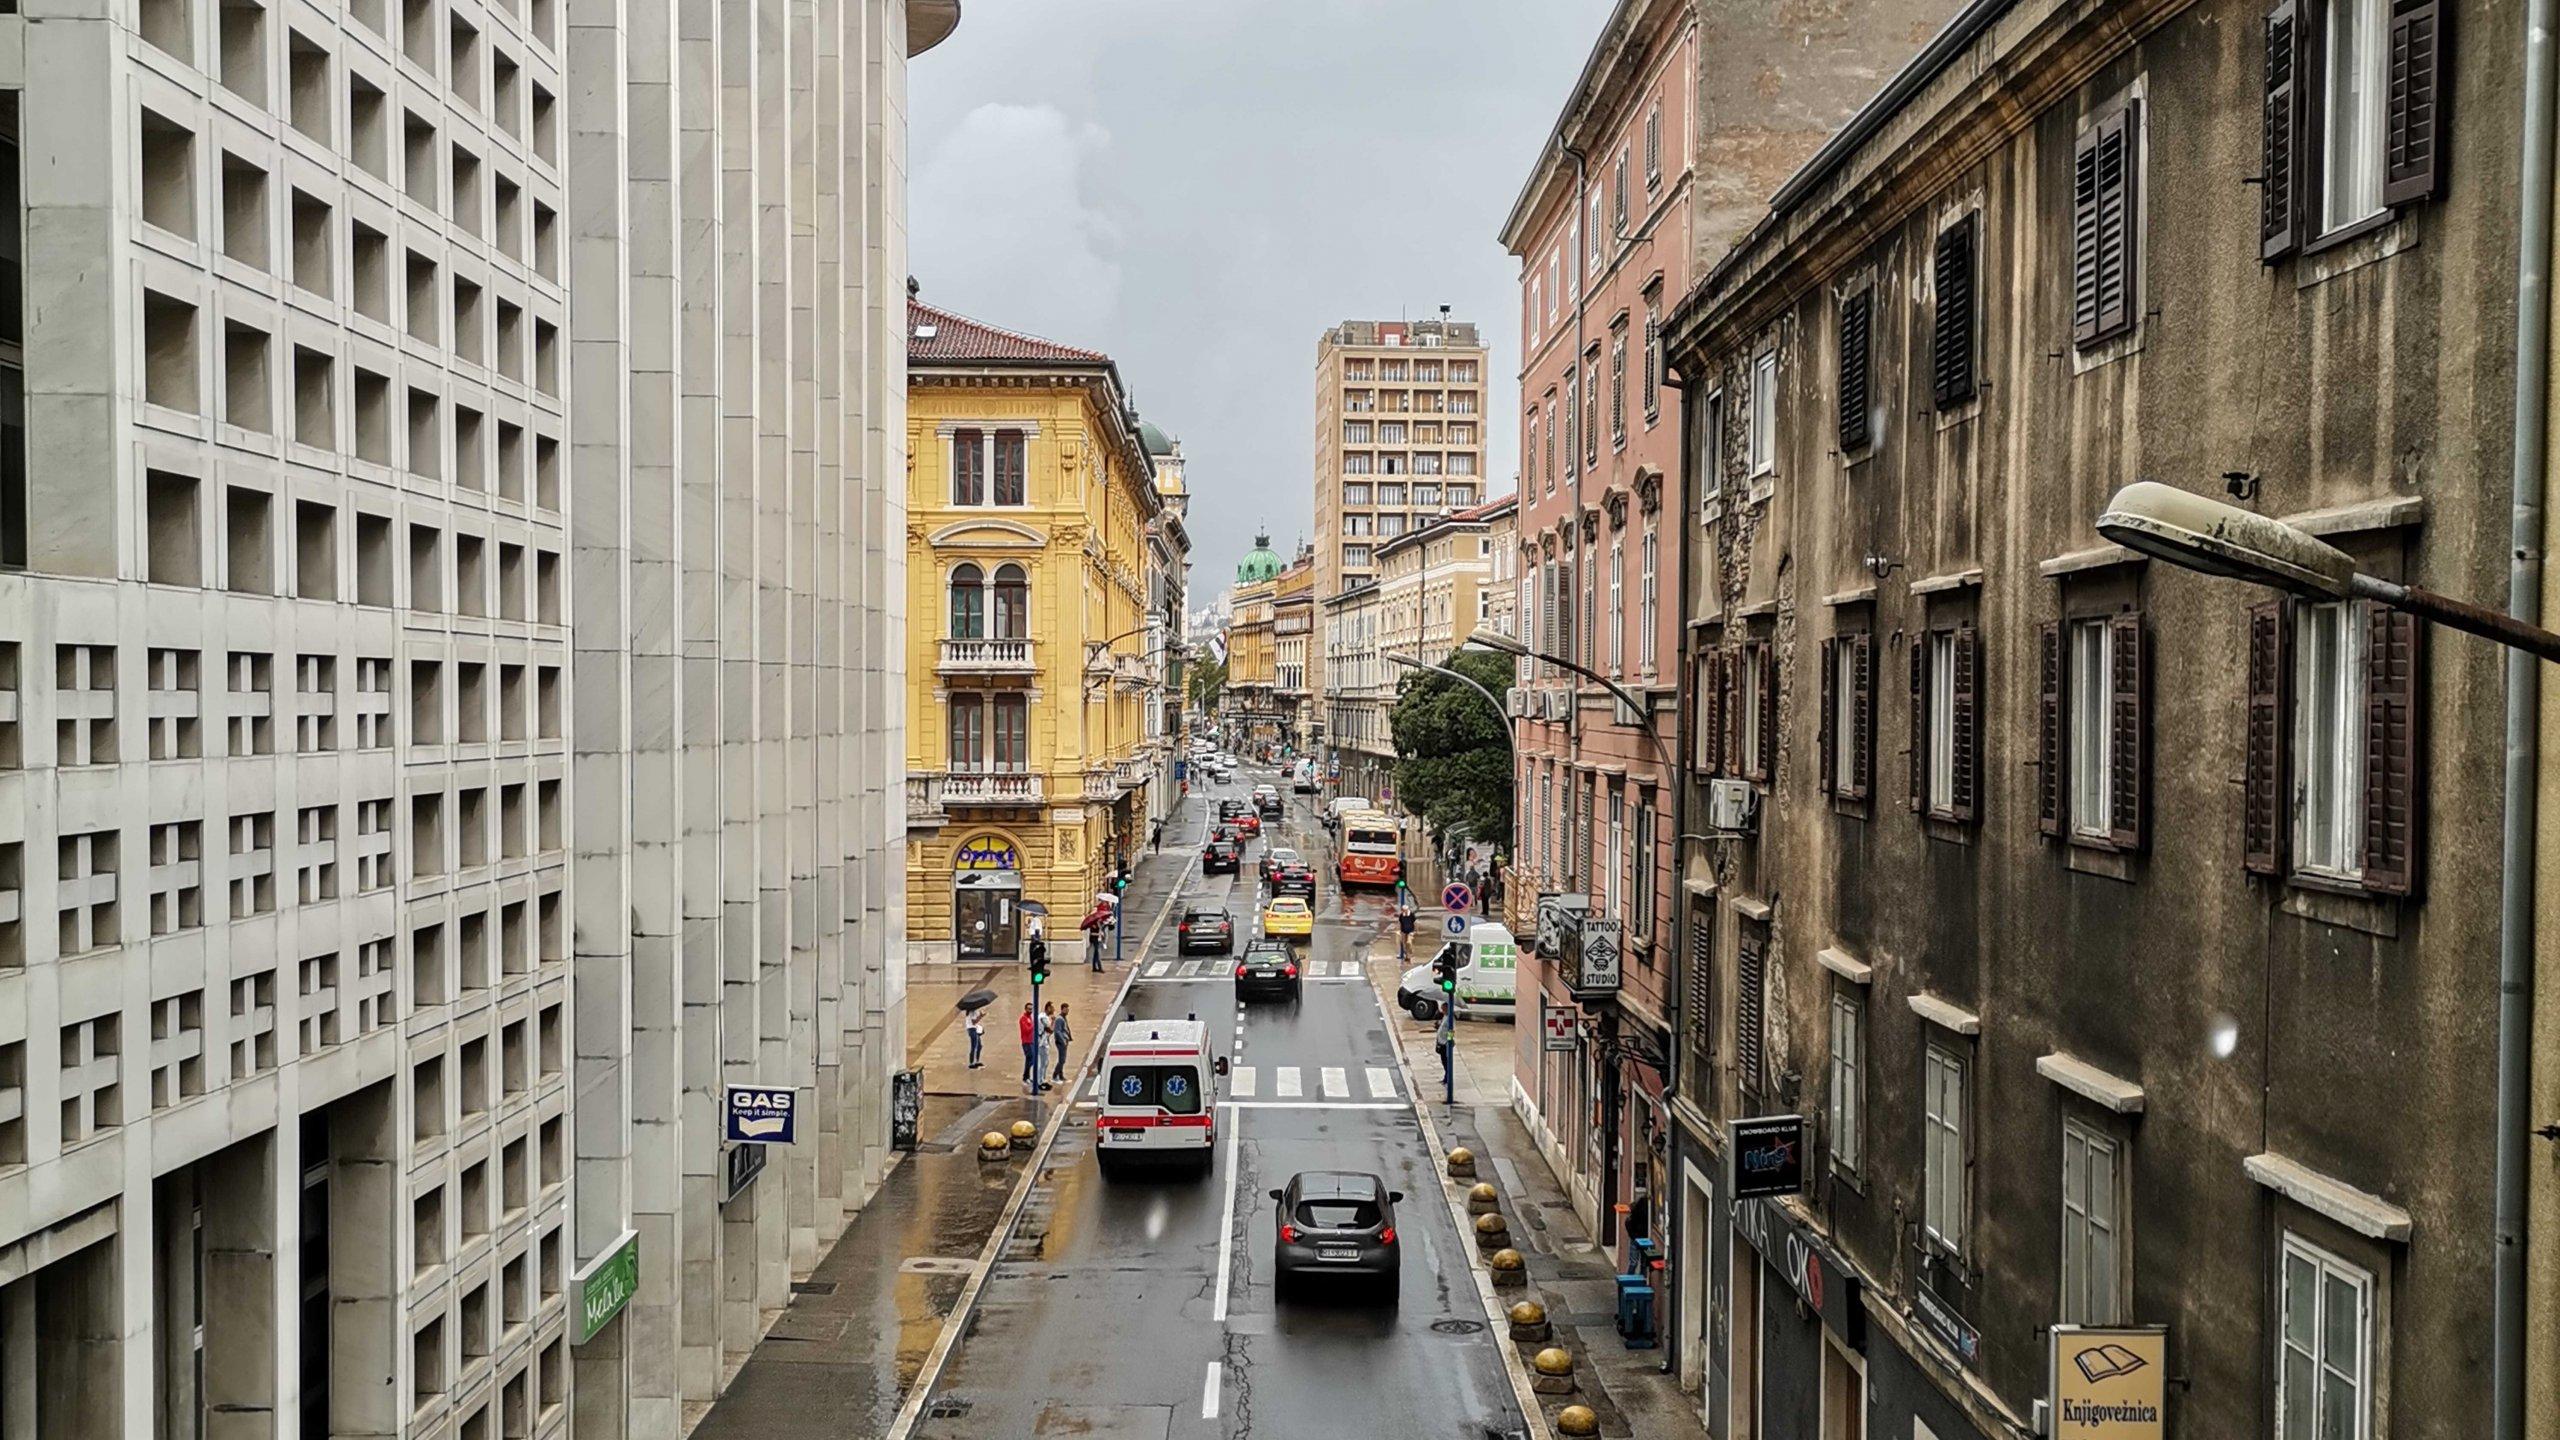 [FOTO] Jedna od najprometnijih ulica u Rijeci, znate li kako se zove?